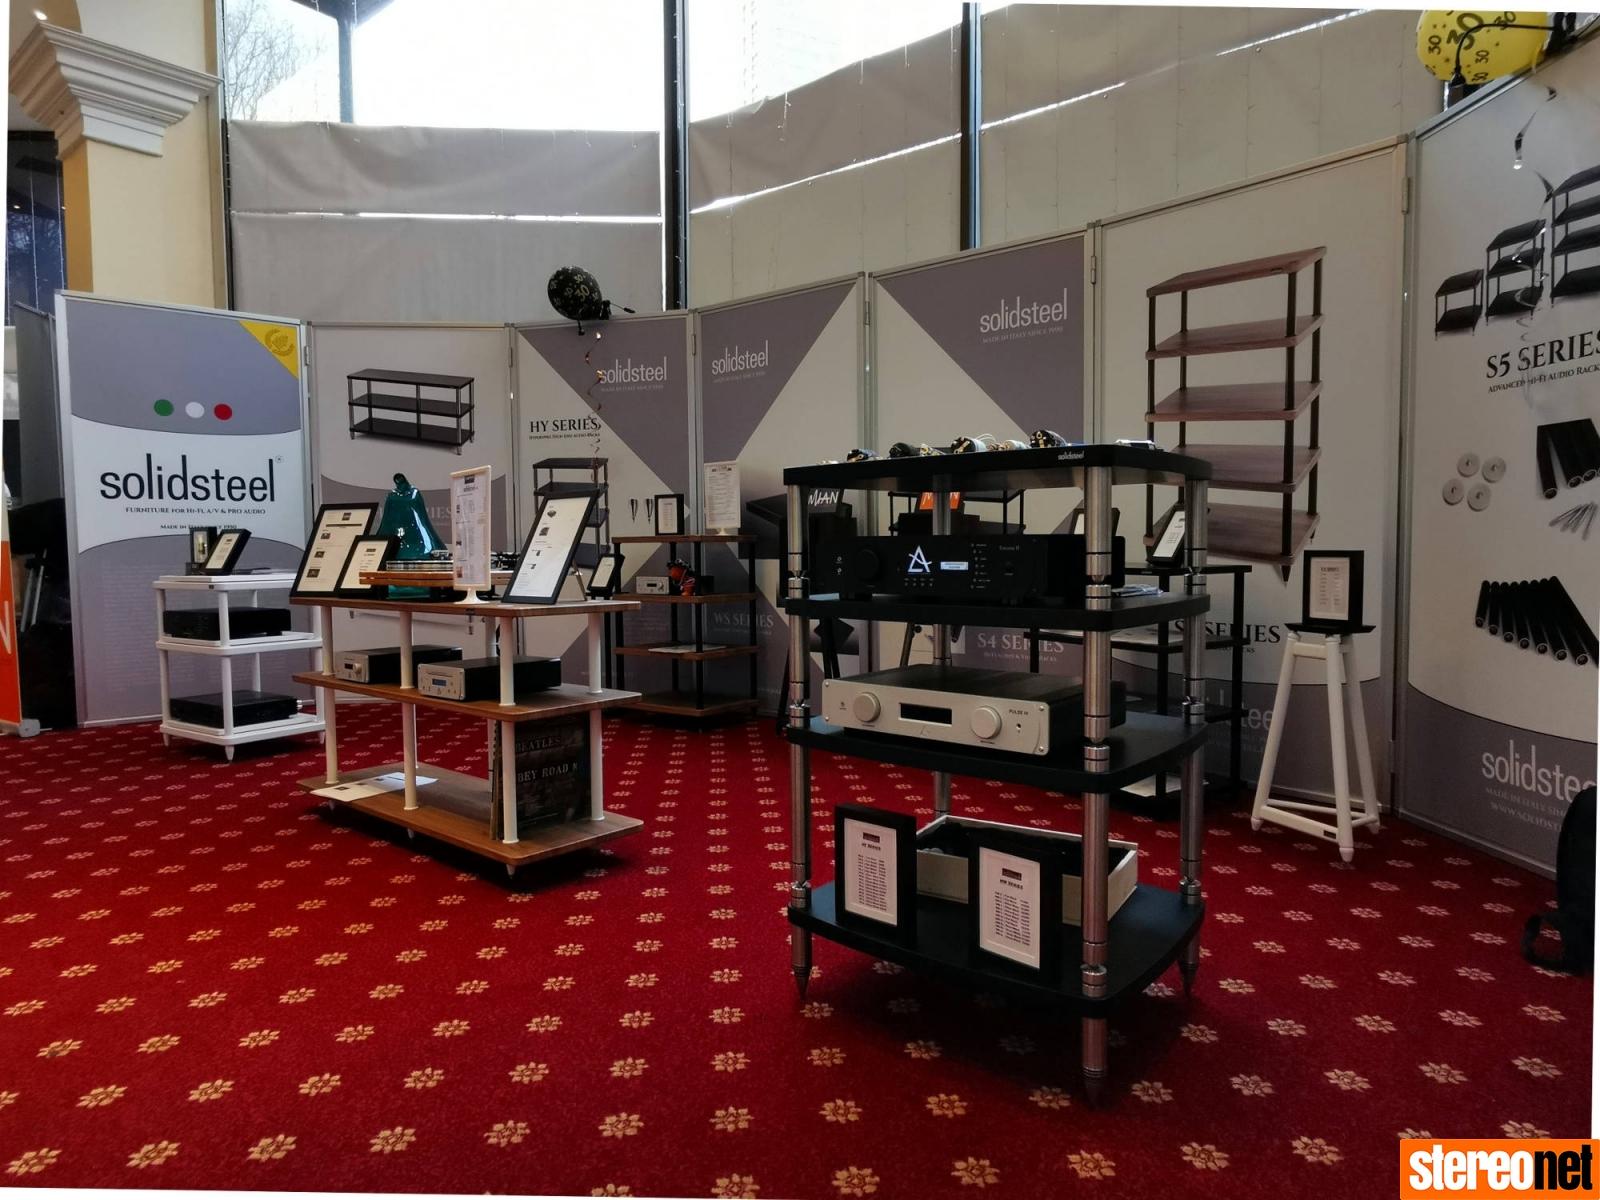 SolidSteel Bristol HiFi Show 2020 report